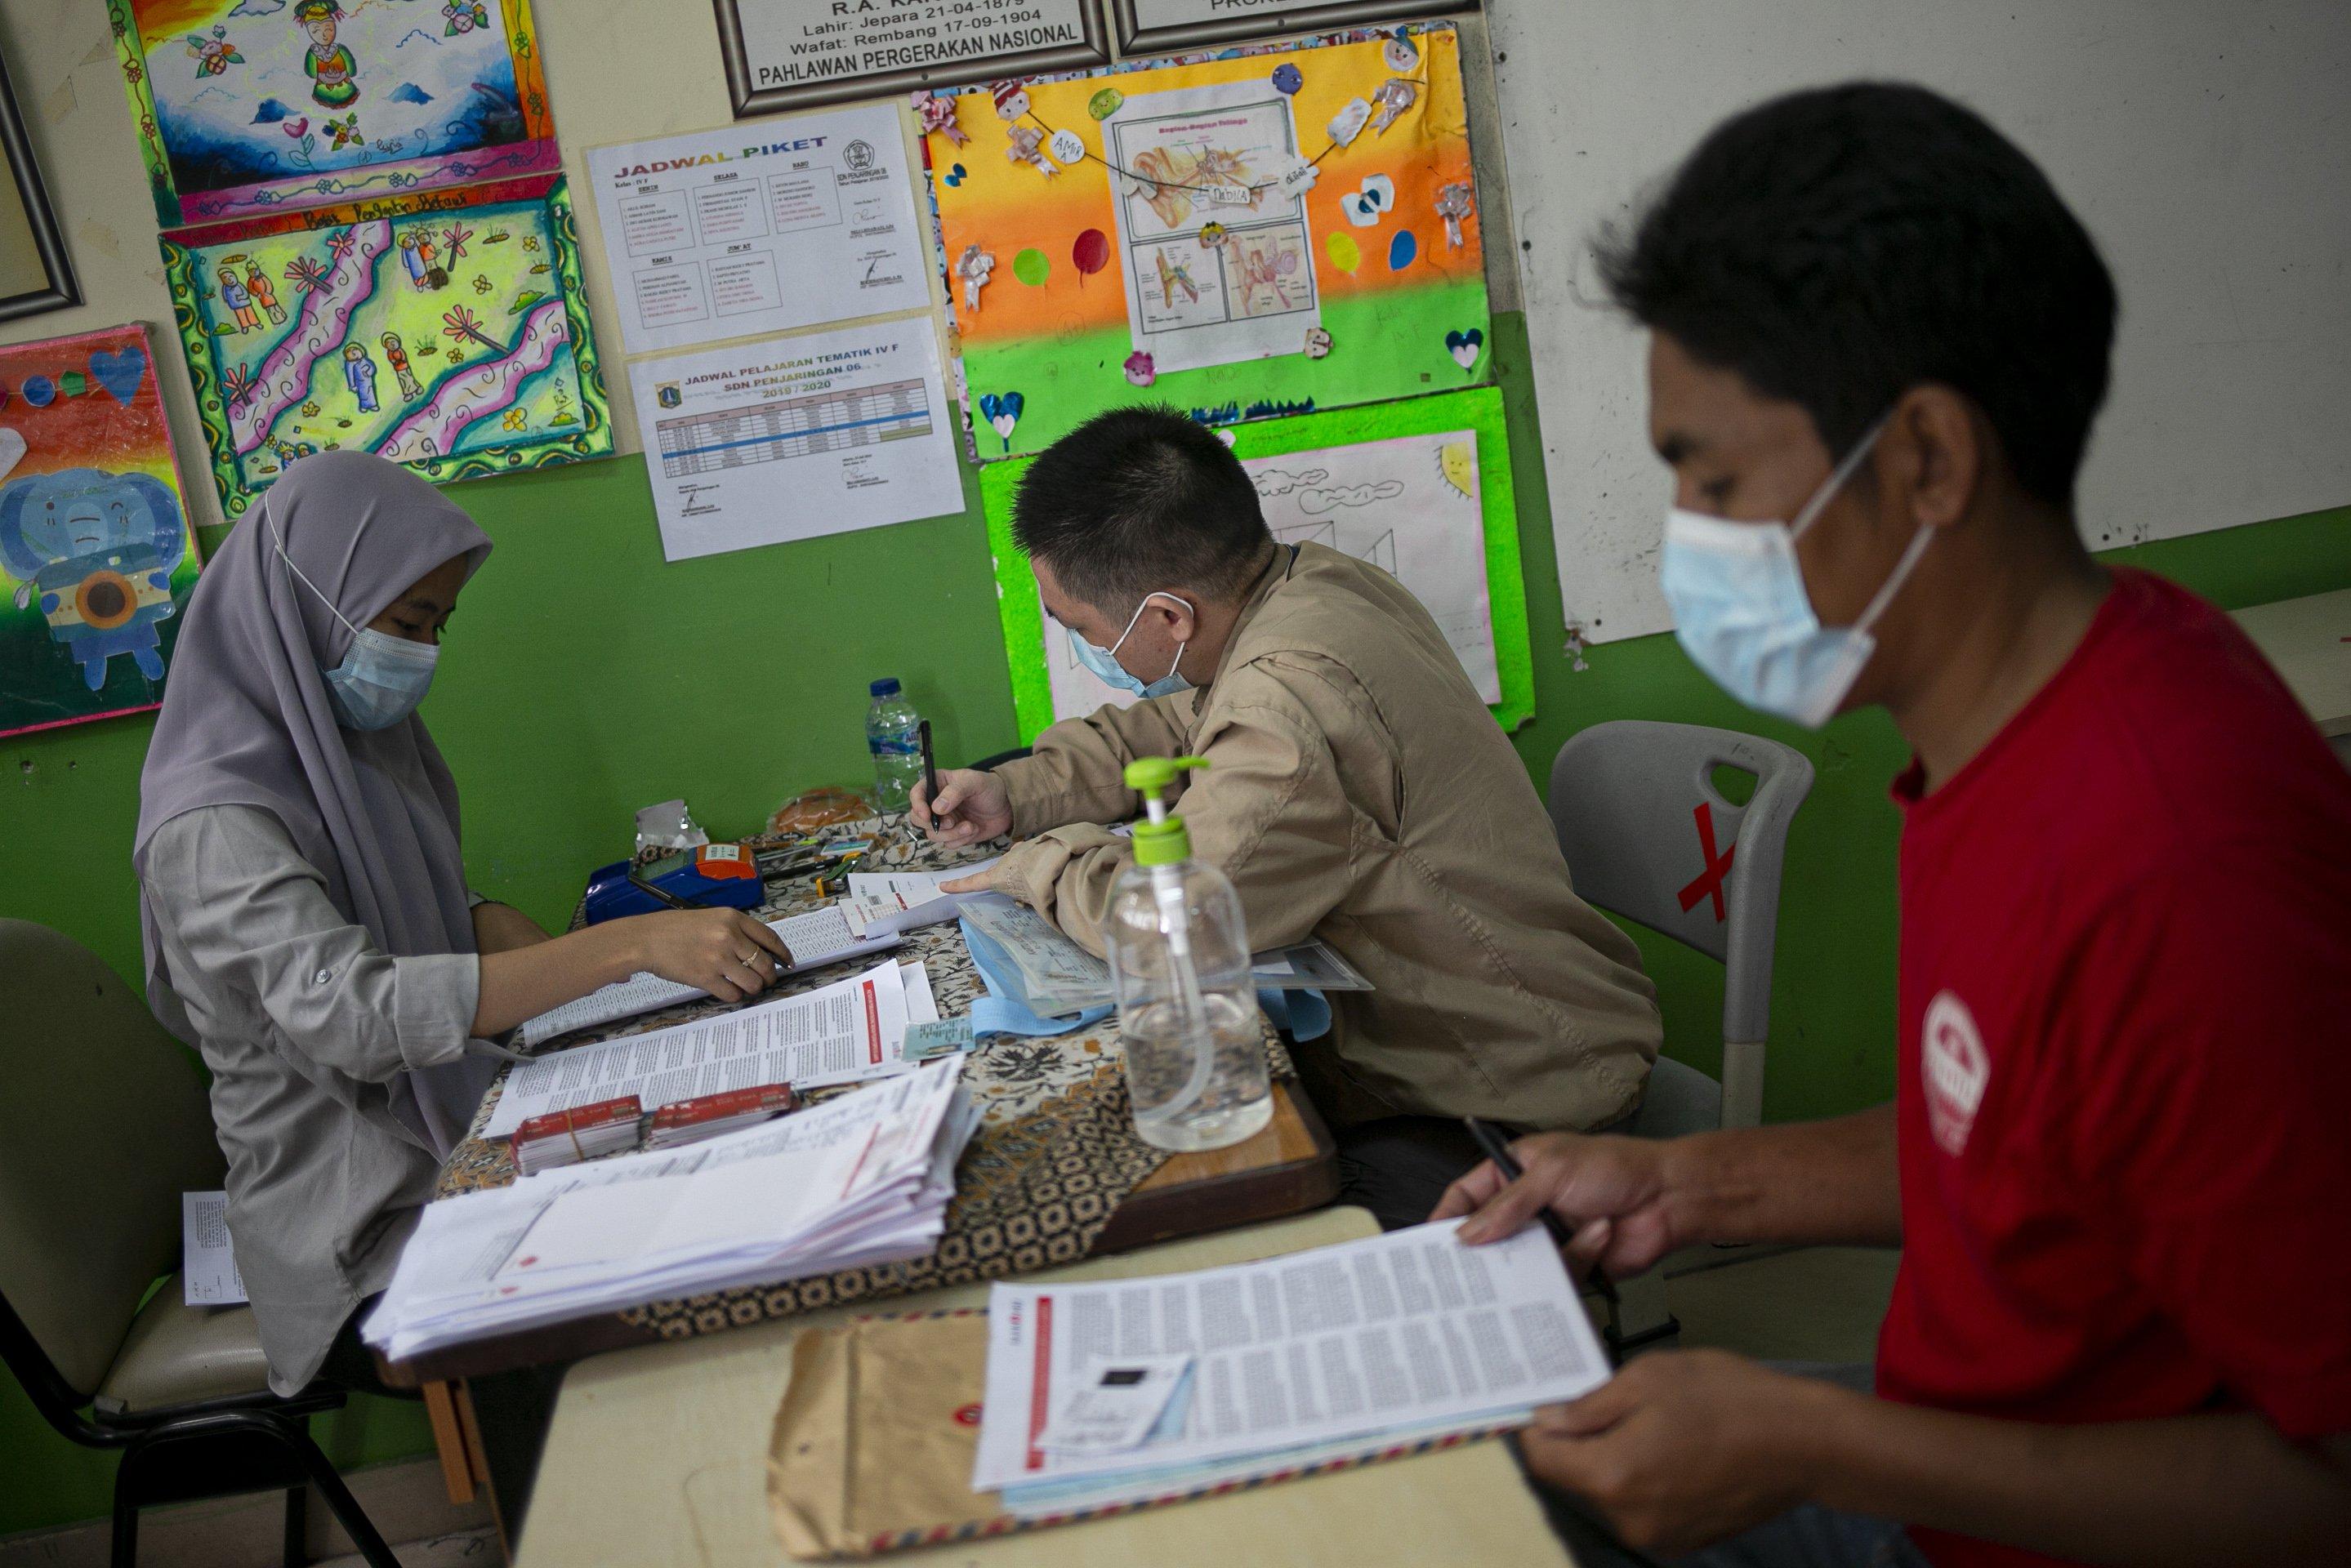 Petugas mandata warga saat mengambil Bantuan Sosial Tunai (BST) di SDN Penjaringan 06 Pagi, Jakarta Utara, Selasa (19/1/2021). Pemprov DKI Jakarta menyalurkan BST sebesar Rp300 ribu per KK kepada 1.055.216 KK mulai Januari hingga April 2021.